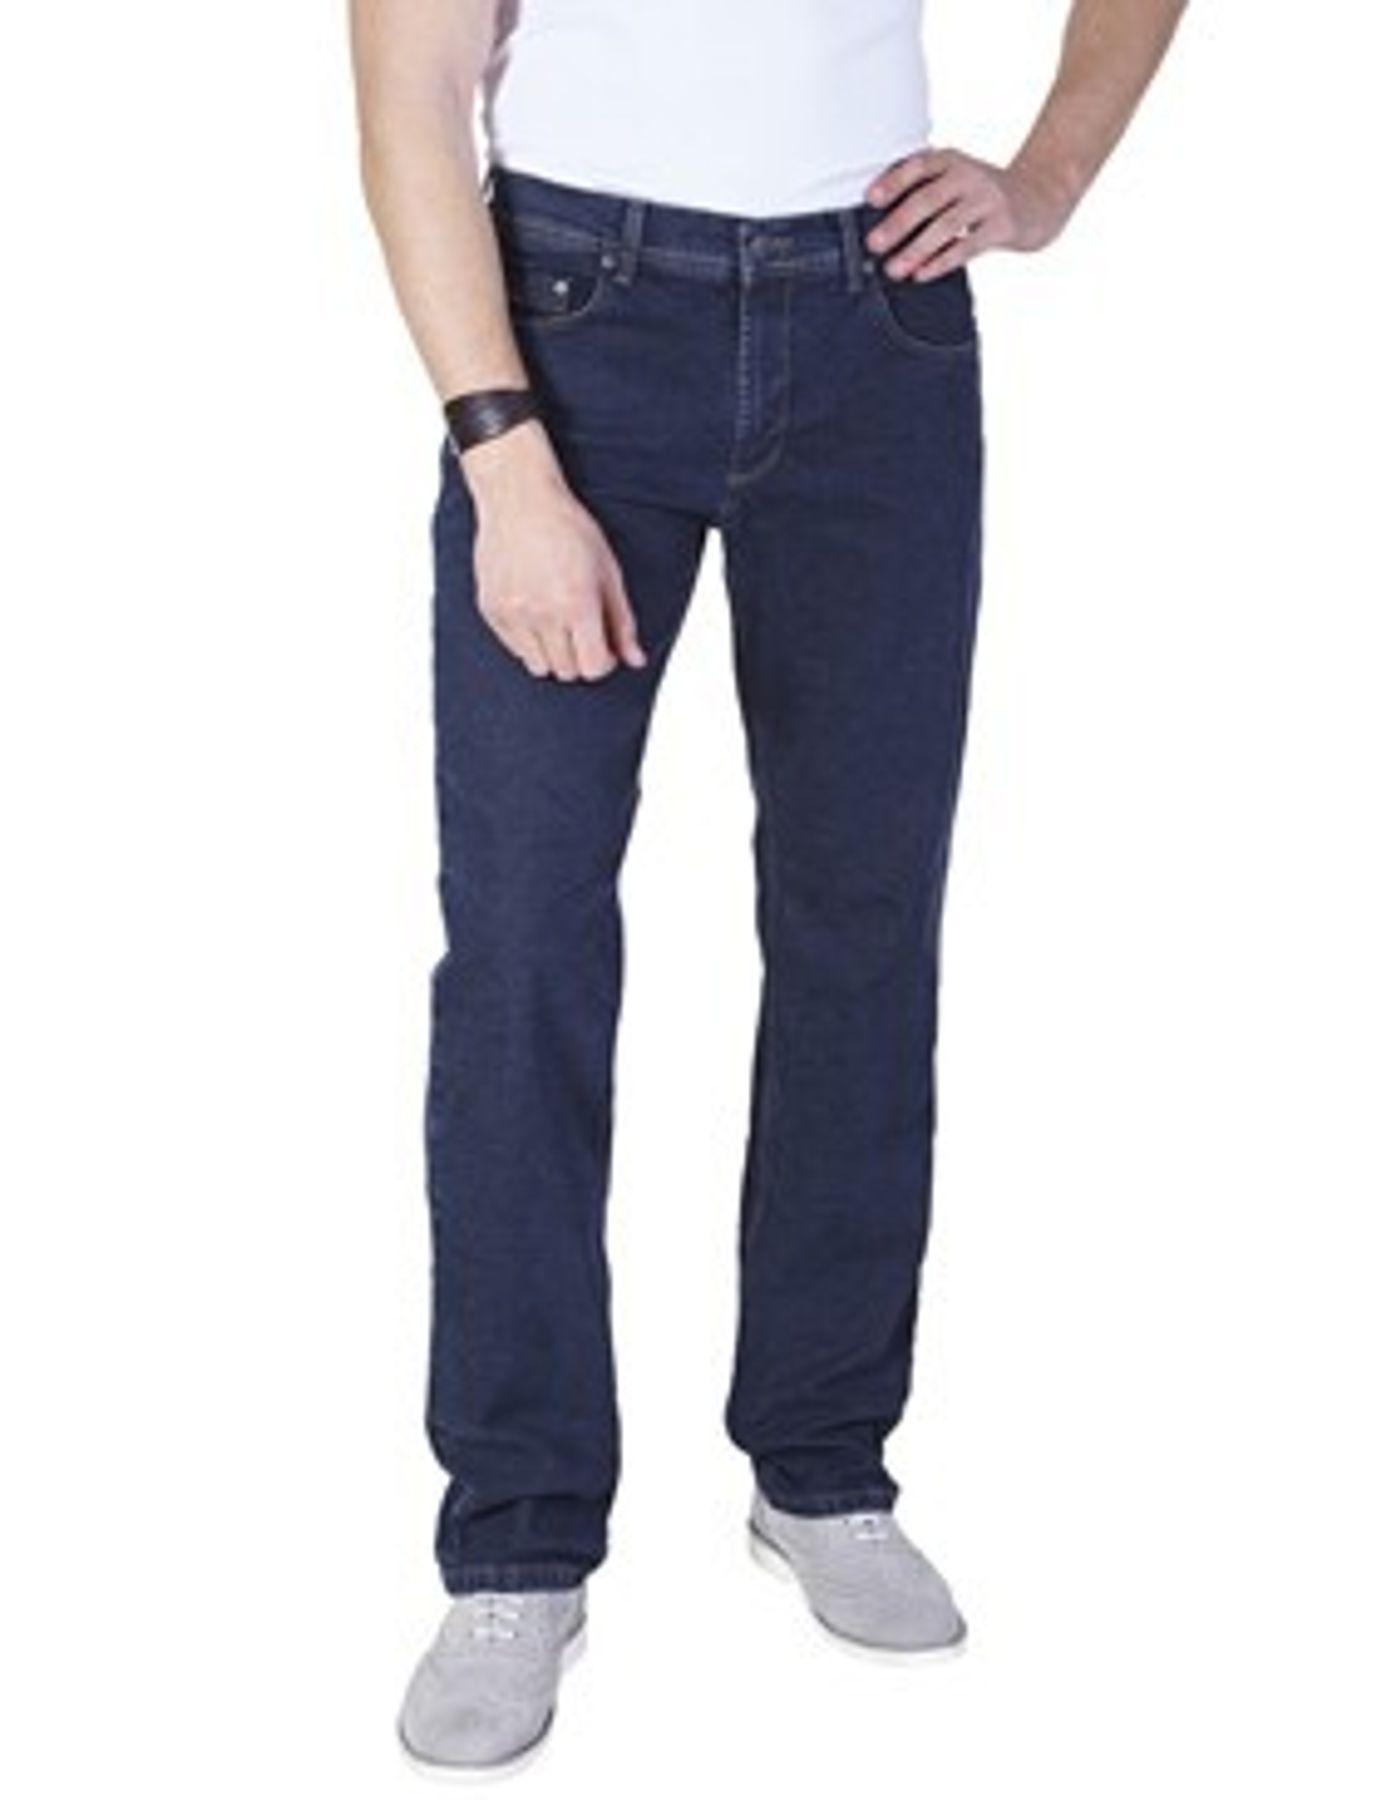 Pioneer - Übergrößen - Herren 5-Pocket Jeans in der Farbe Dunkelblau, Regular Fit, Rando (1680 938 02)